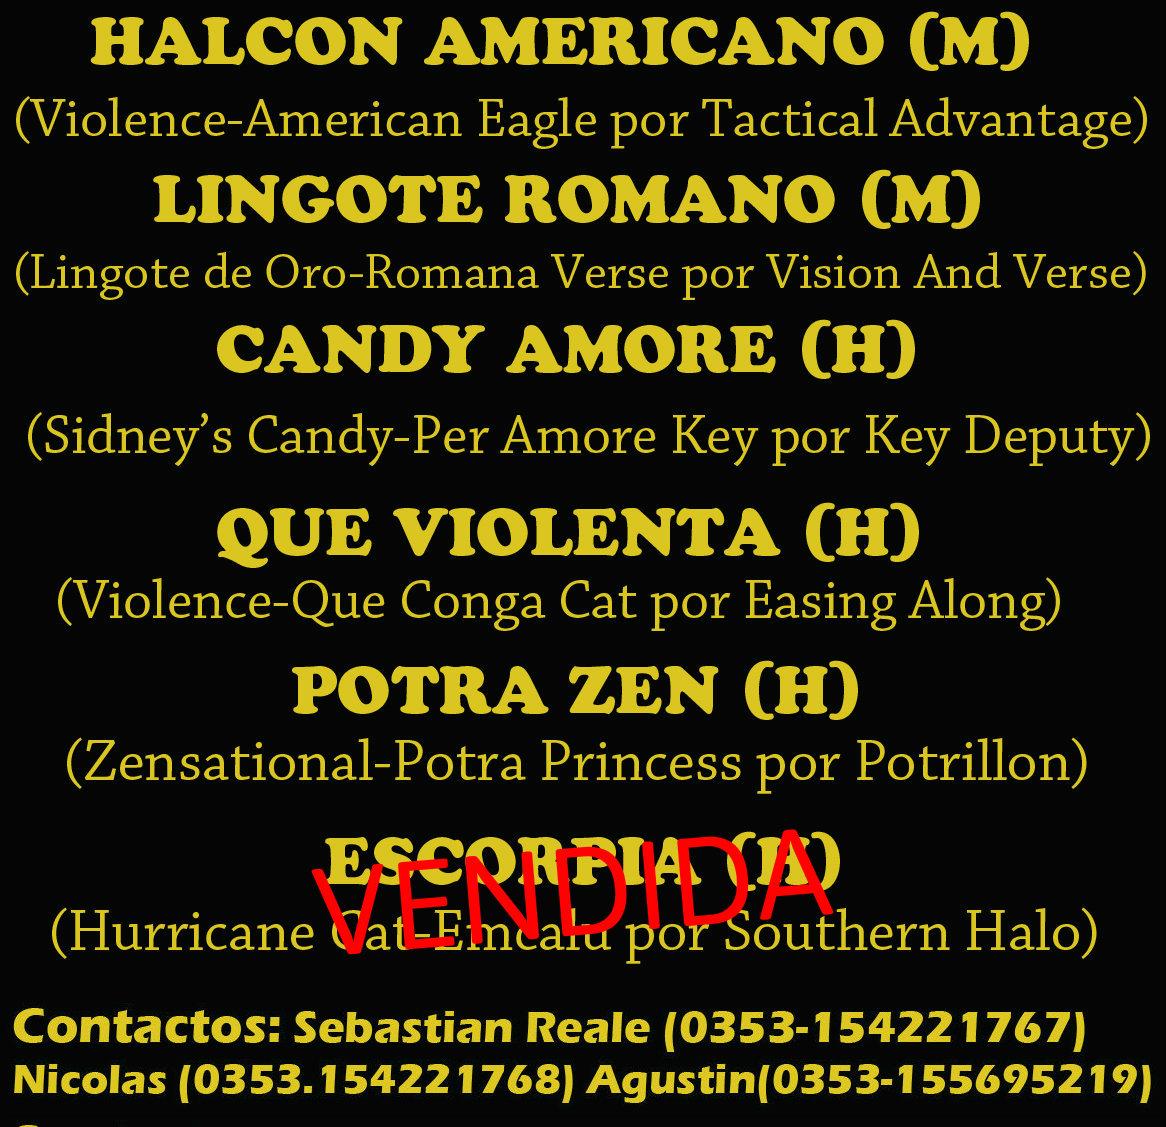 HS EL ARROYO 2 E